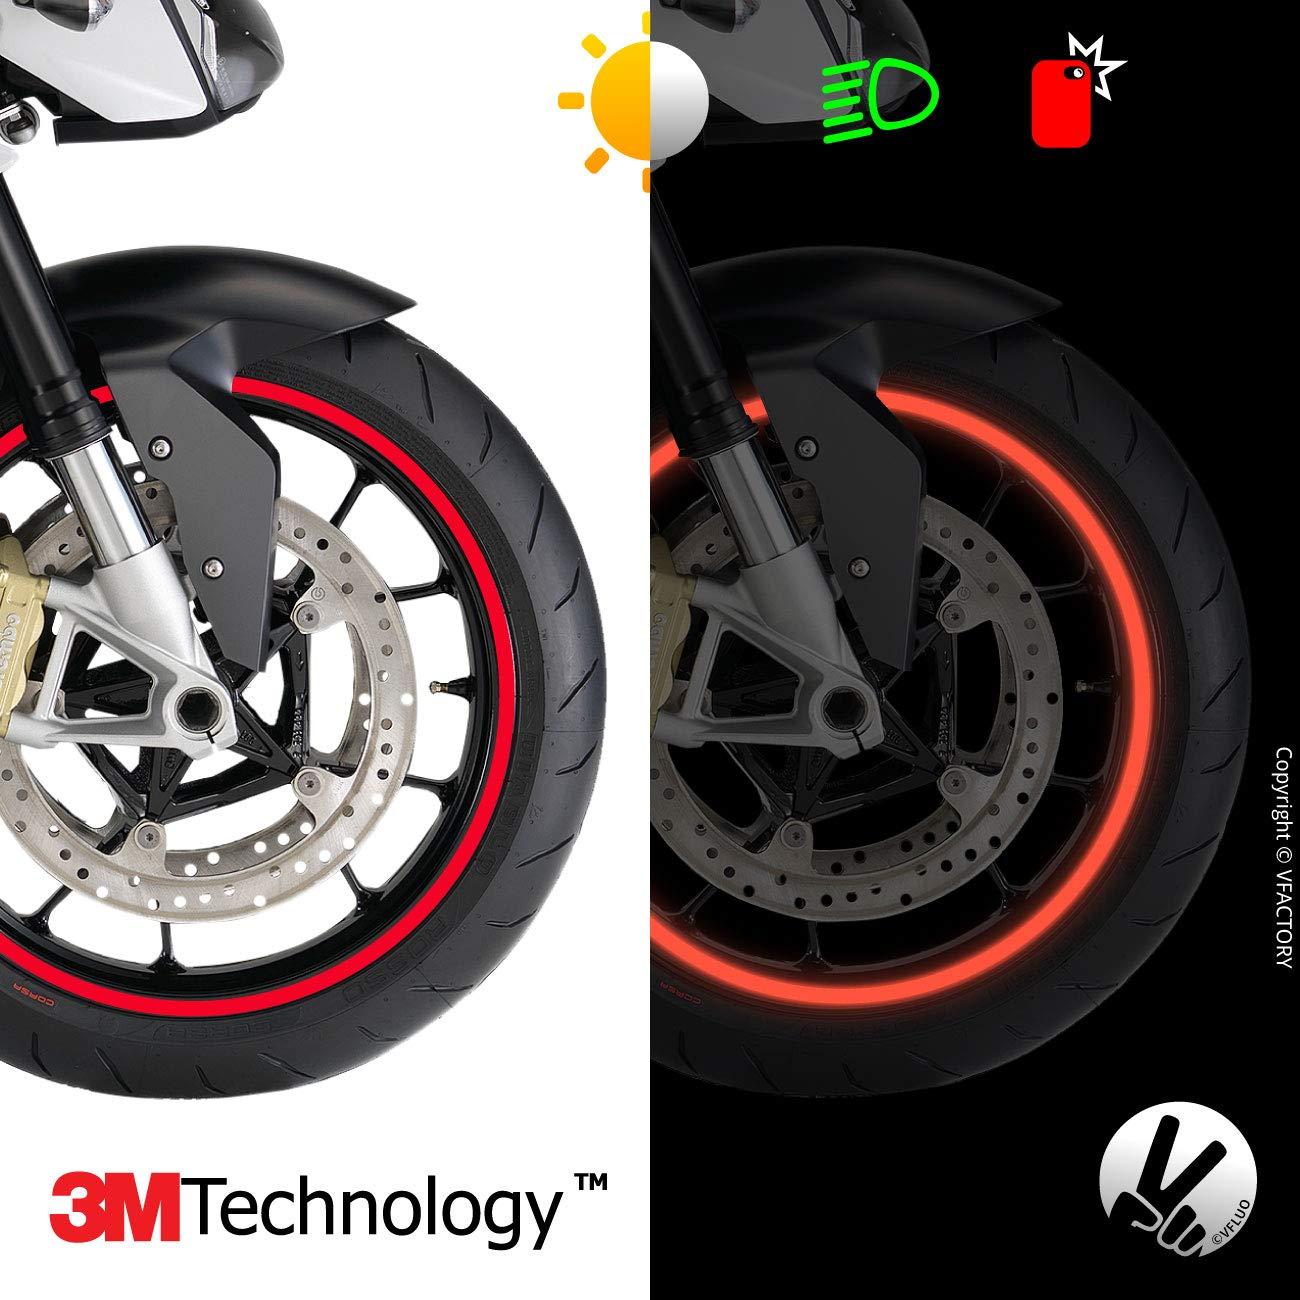 1 Rueda Amarillo Fluorescente Anchura XL : 10 mm VFLUO Circular/™ Kit de Cintas 3M Technology/™ Rayas Retro Reflectantes para Llantas de Moto